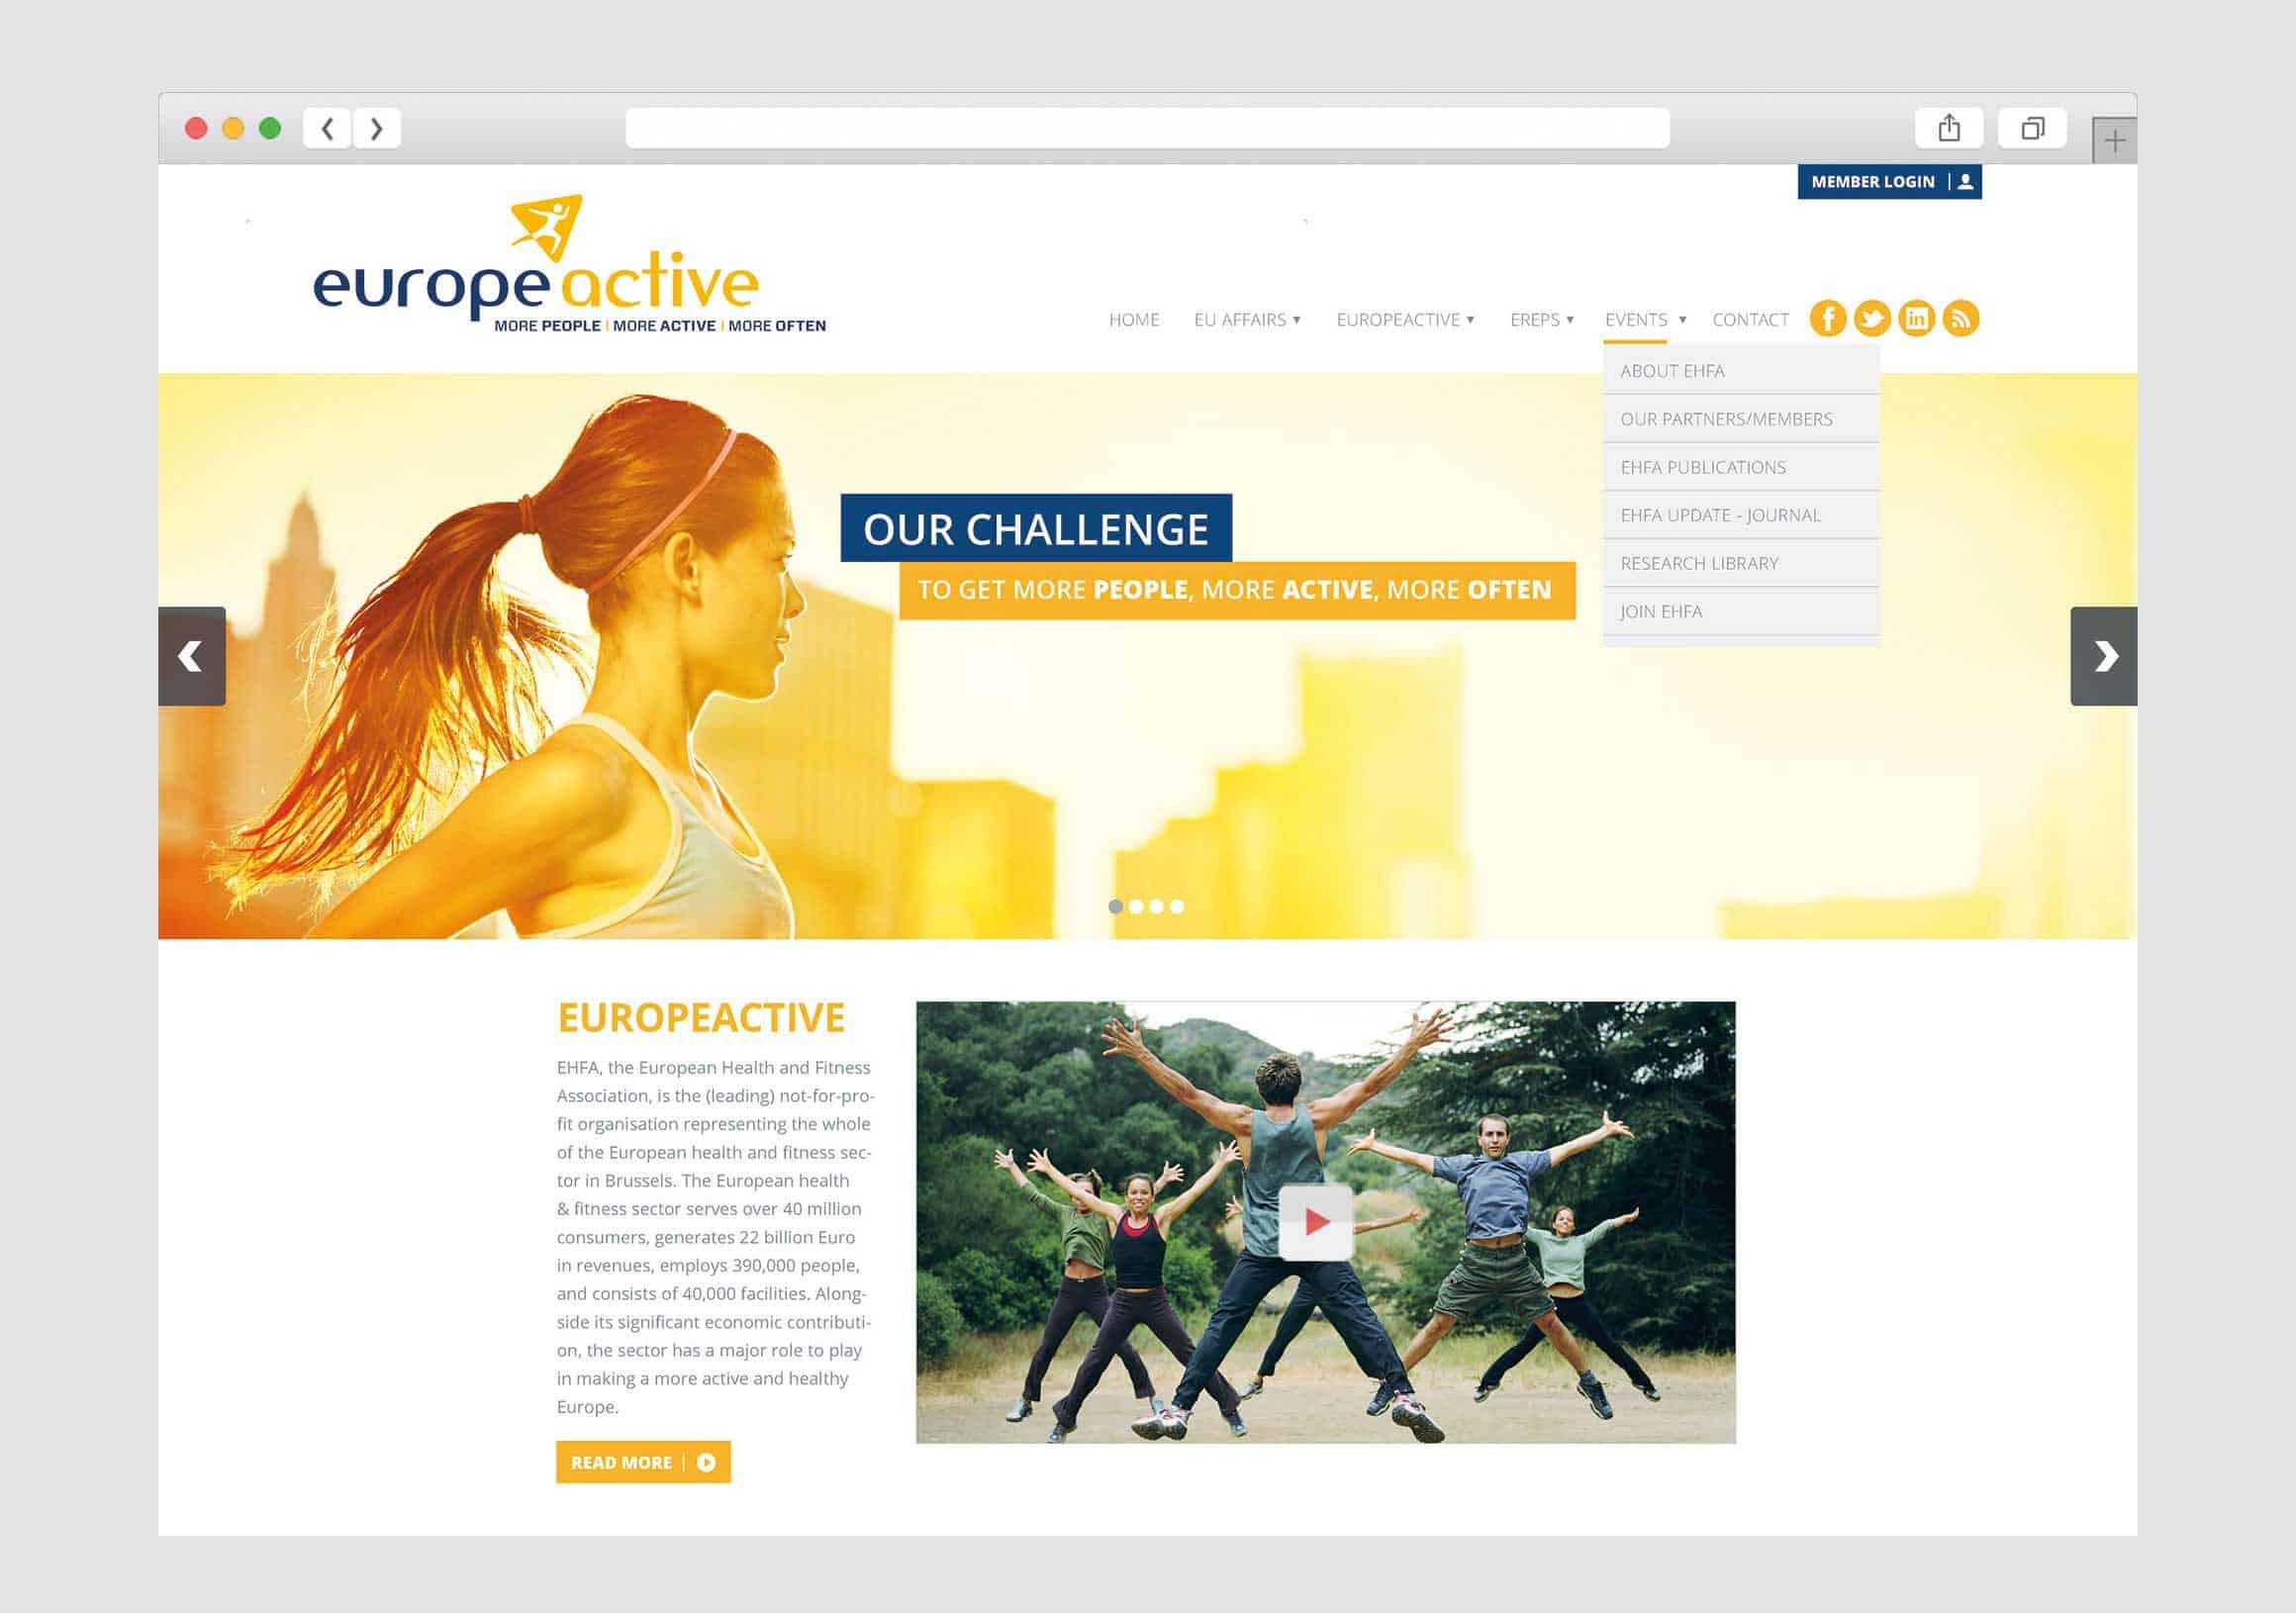 Europe-active-website